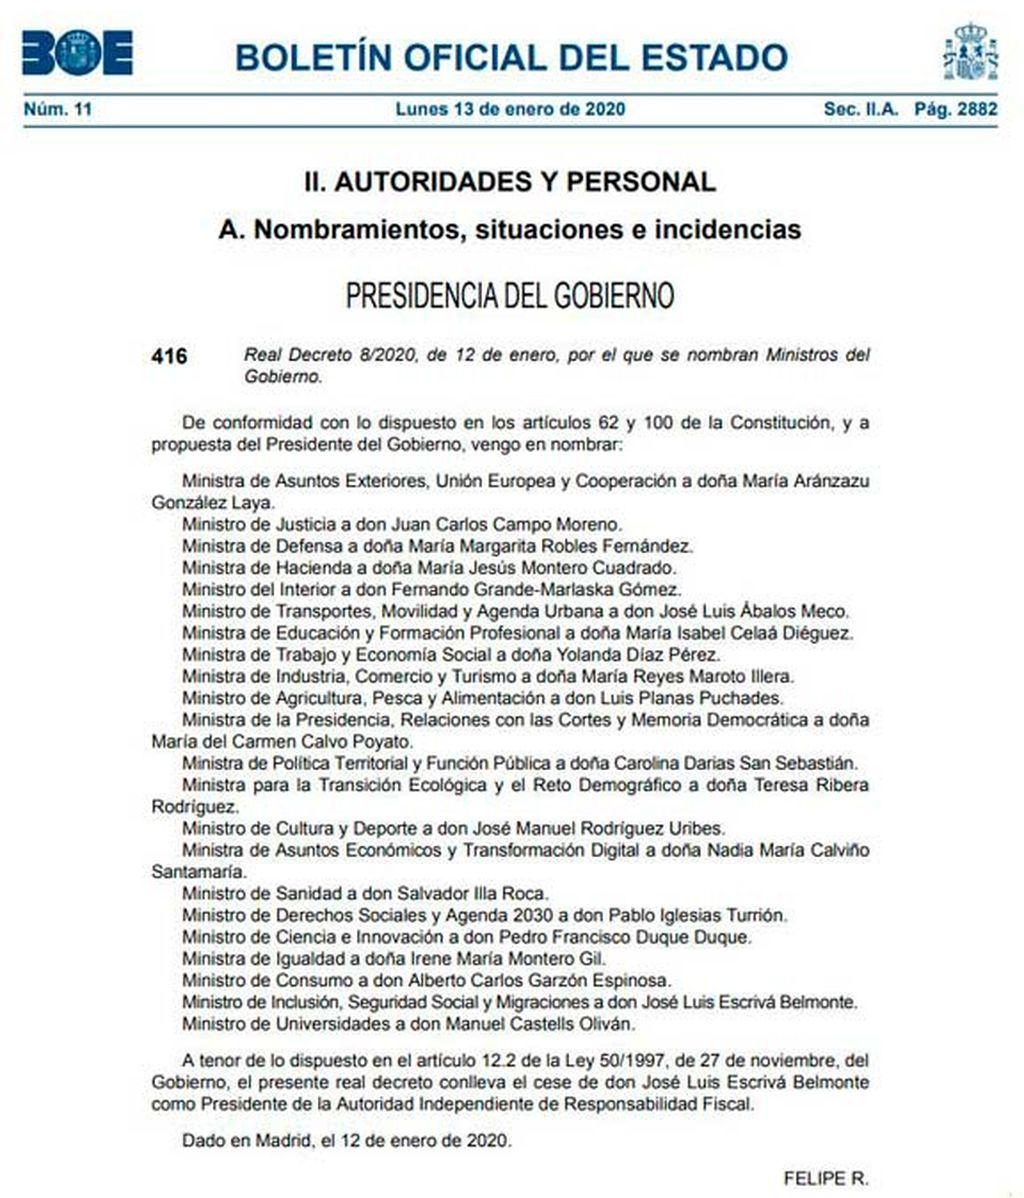 El BOE publica los nombramientos de los ministros del gobierno de coalición de Pedro Sánchez